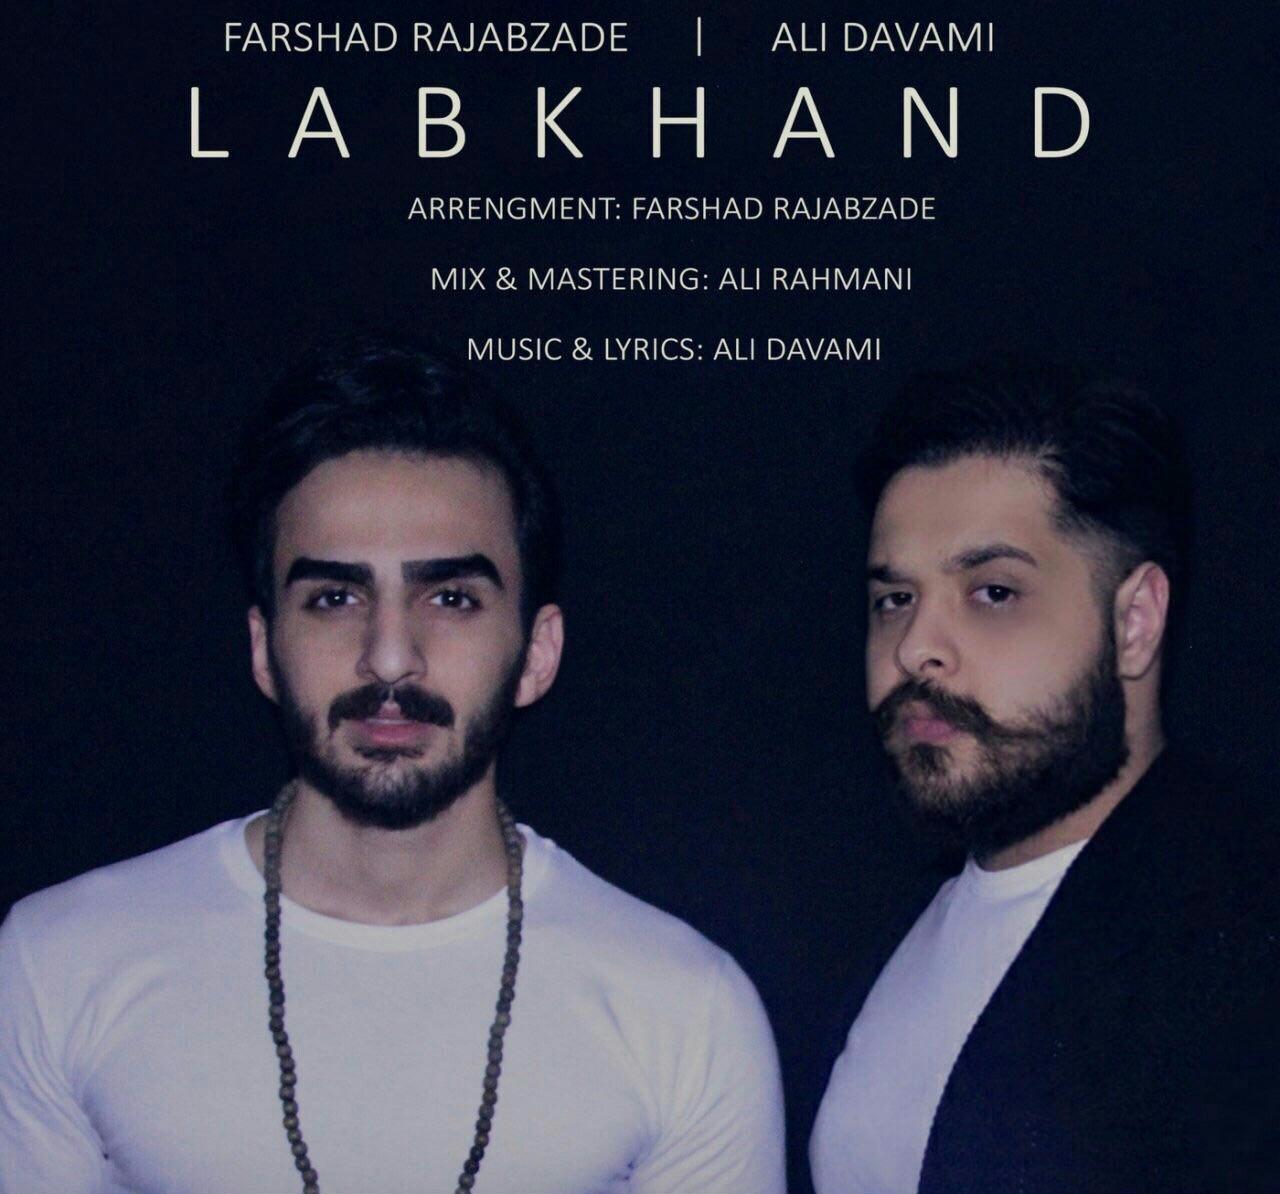 Ali Davami And Farshad Rajabzade – Labkhand